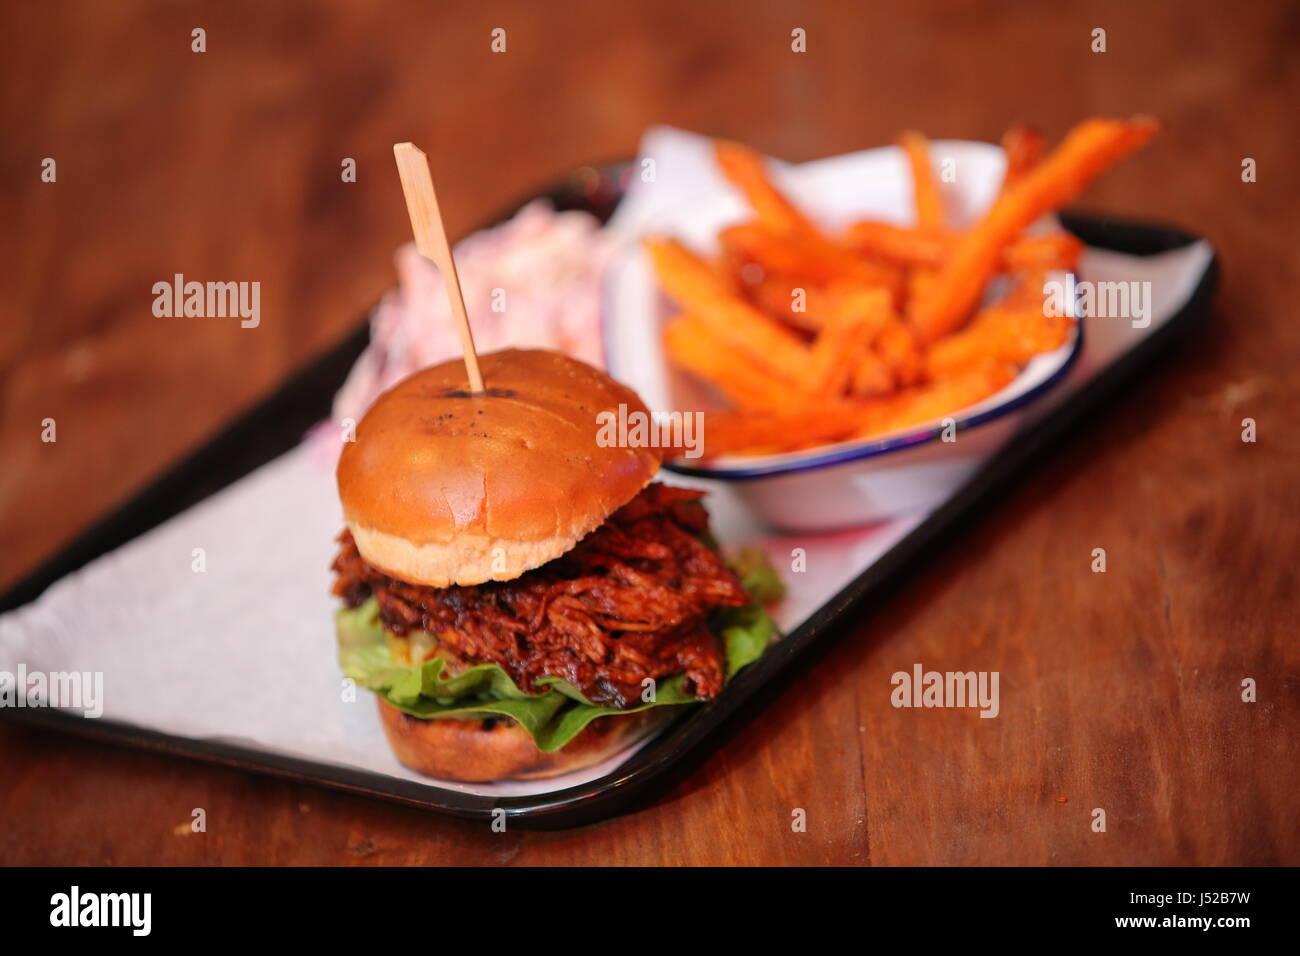 Ein gezogenes Schweinefleisch-Burger. Stockbild